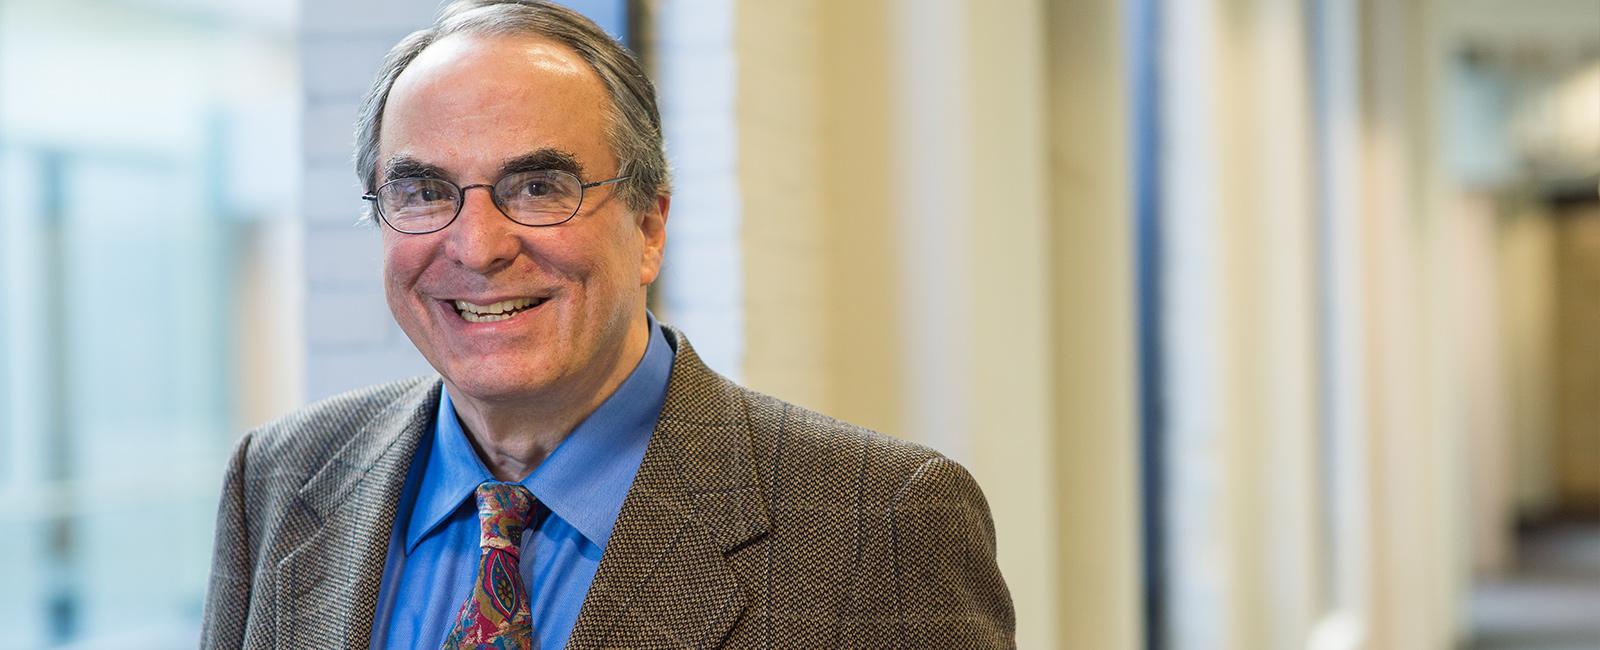 Photo of Professor Robert Field